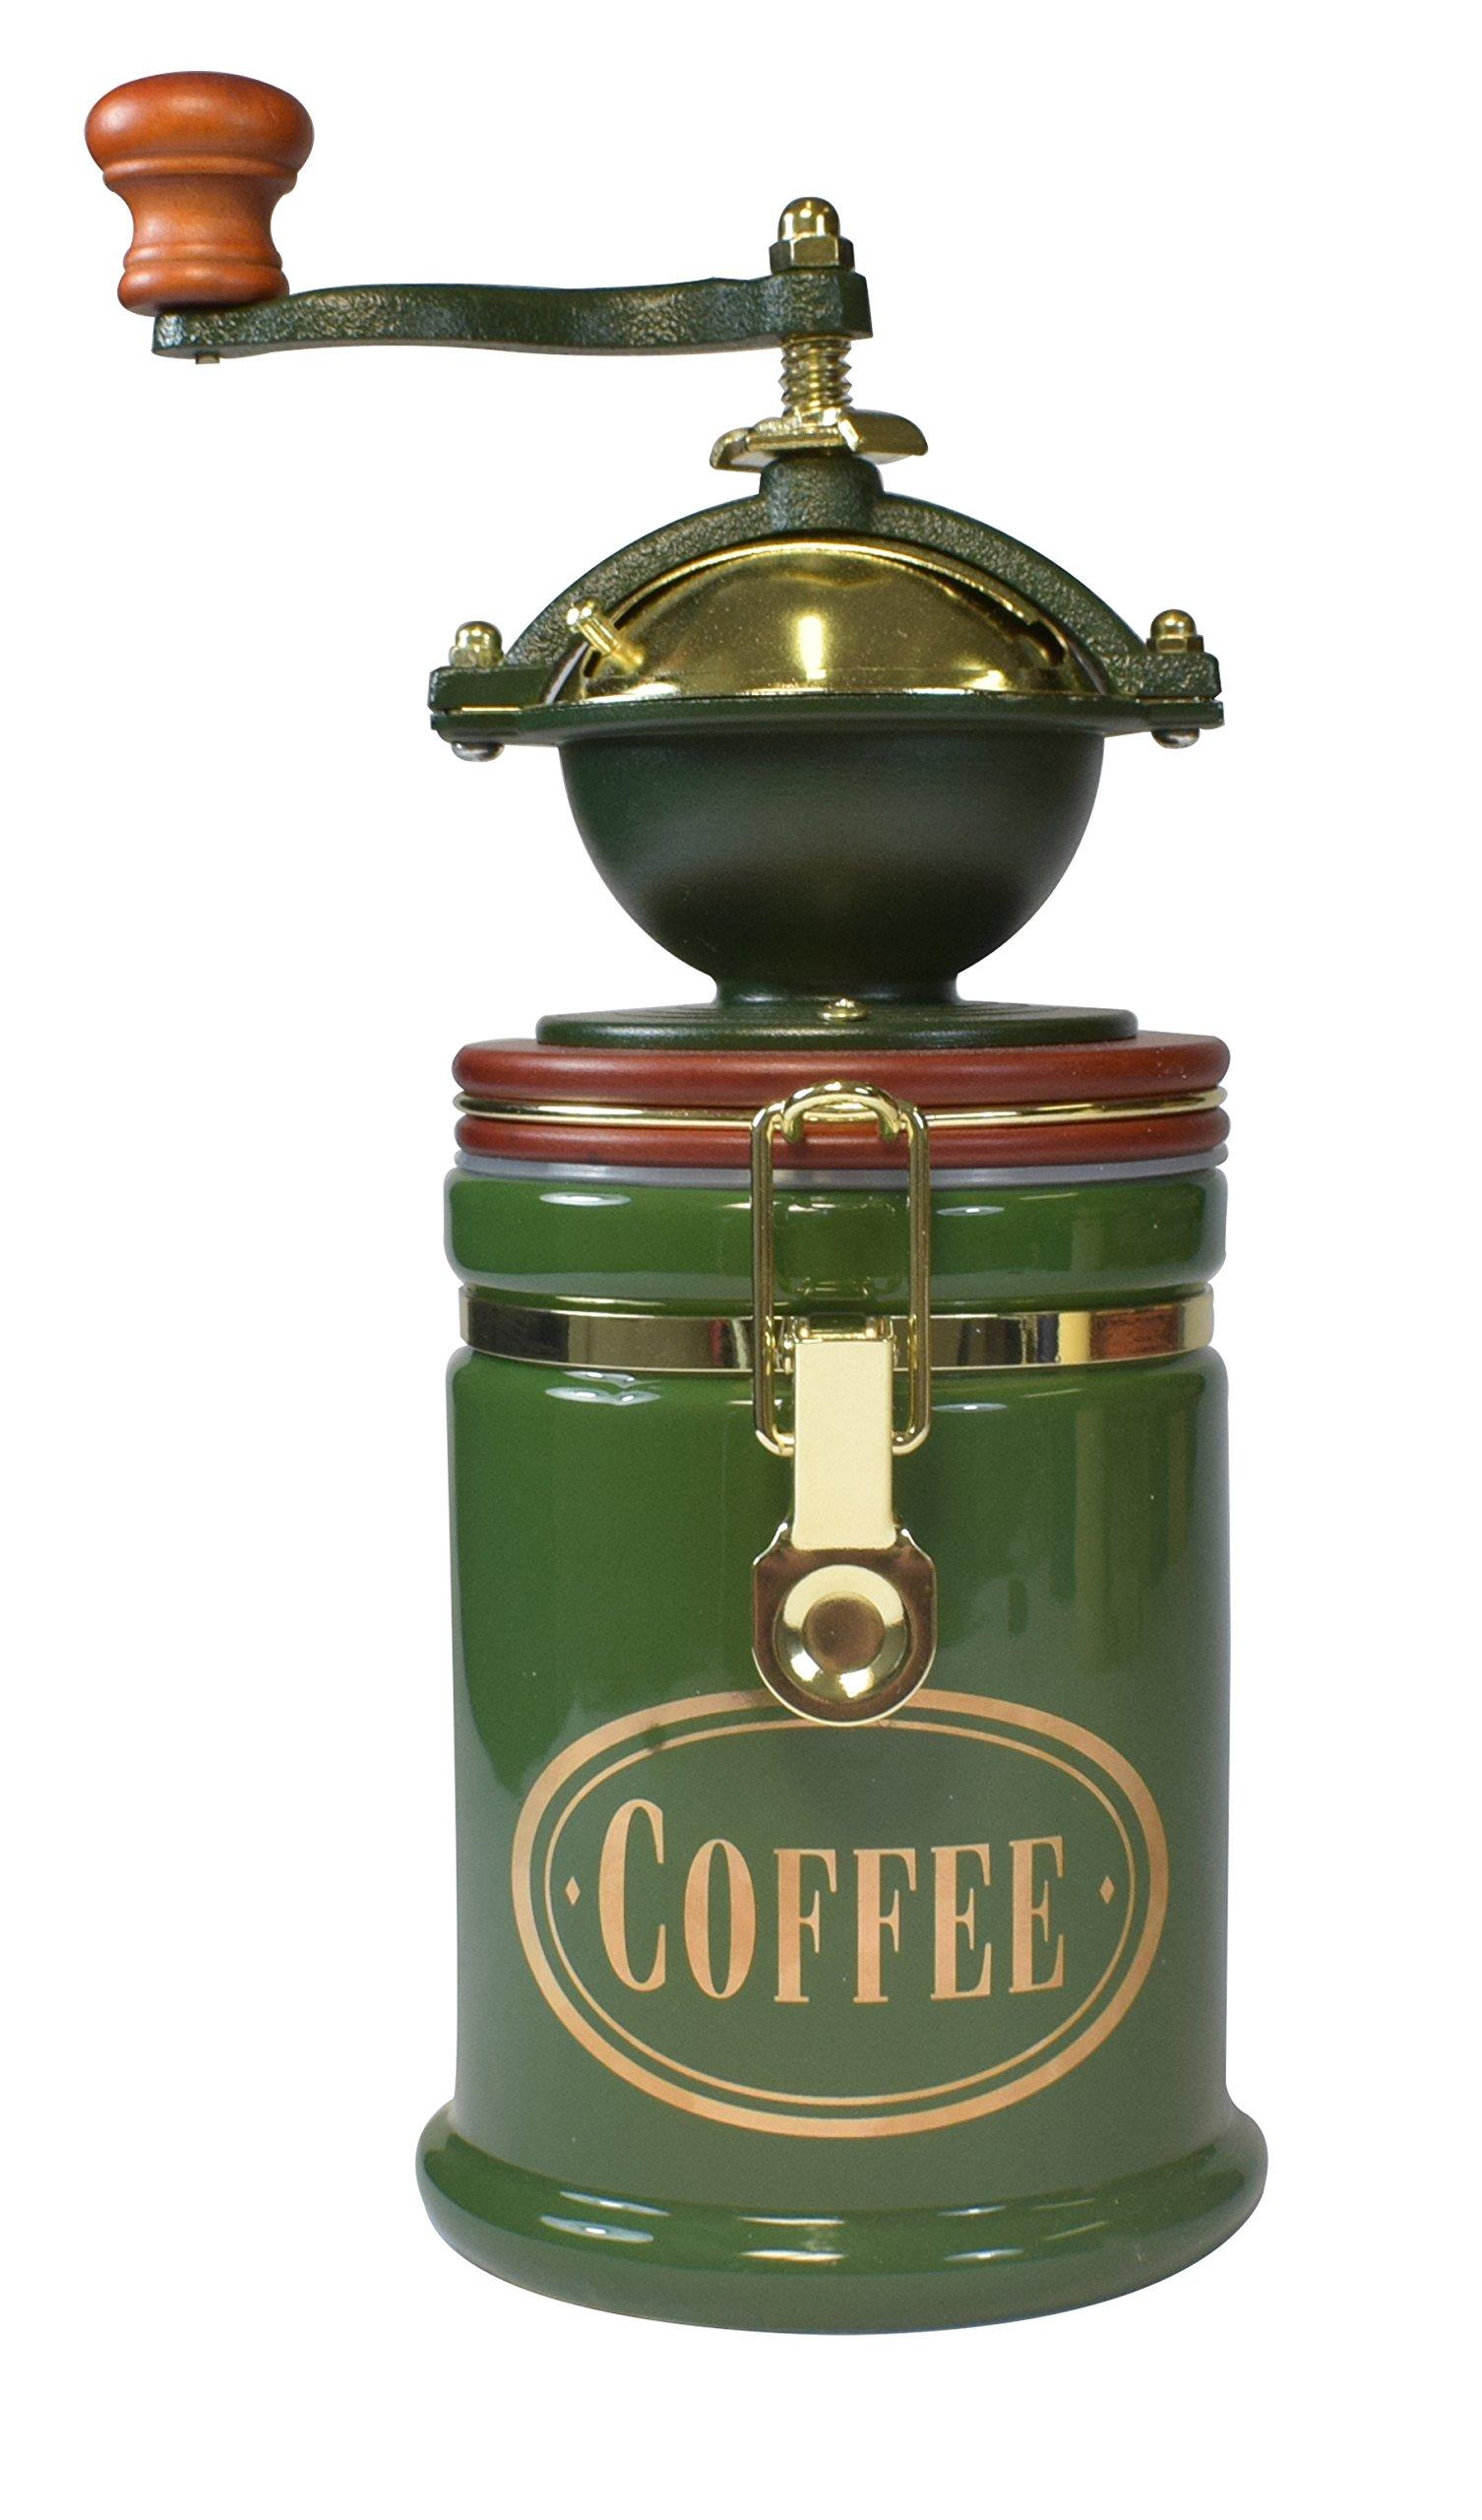 Bisetti 61122 Volluto Coffee Grinder, Green